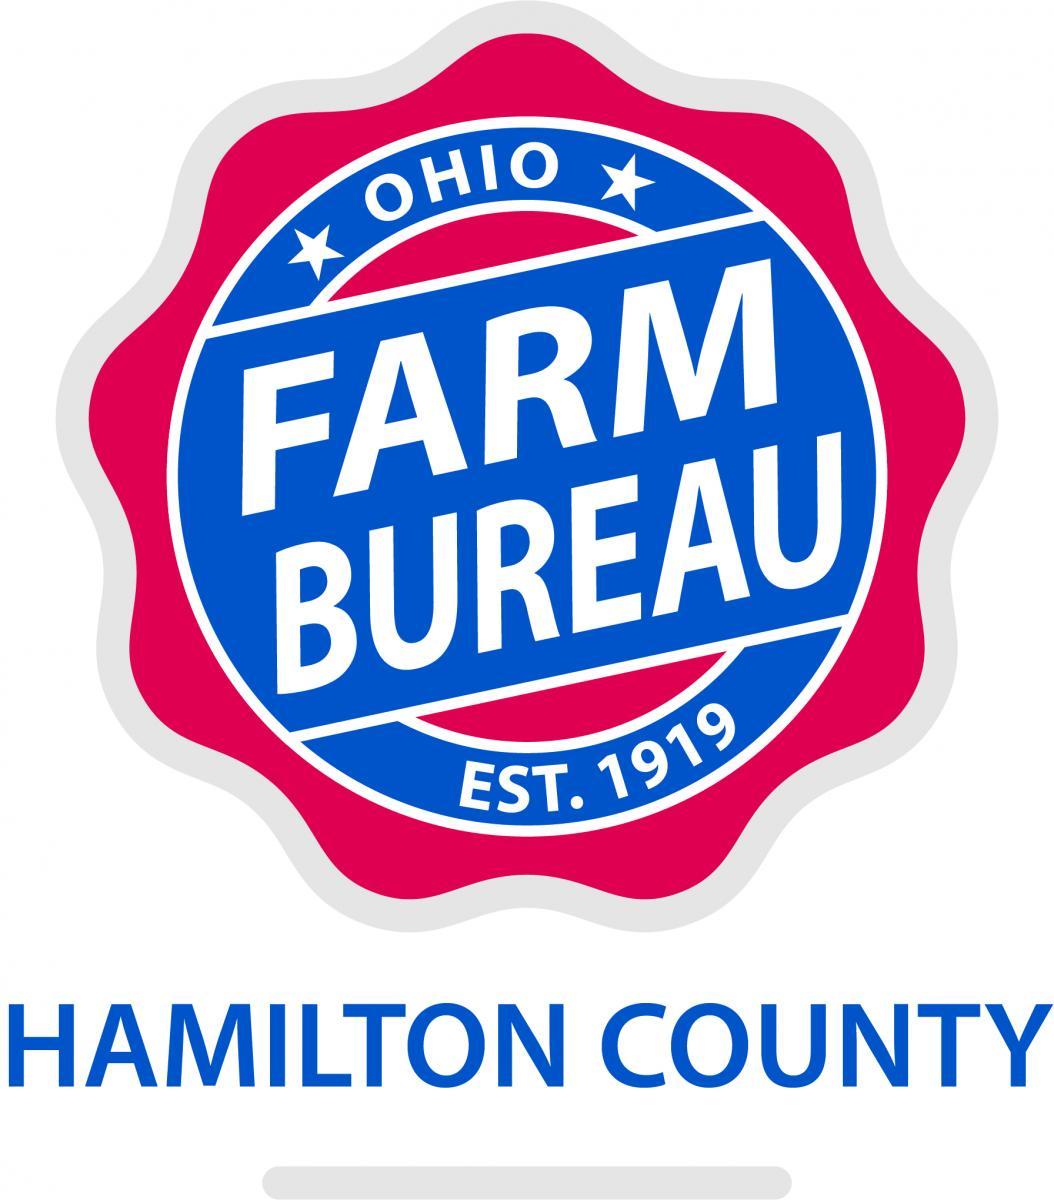 Hamilton County Farm Bureau